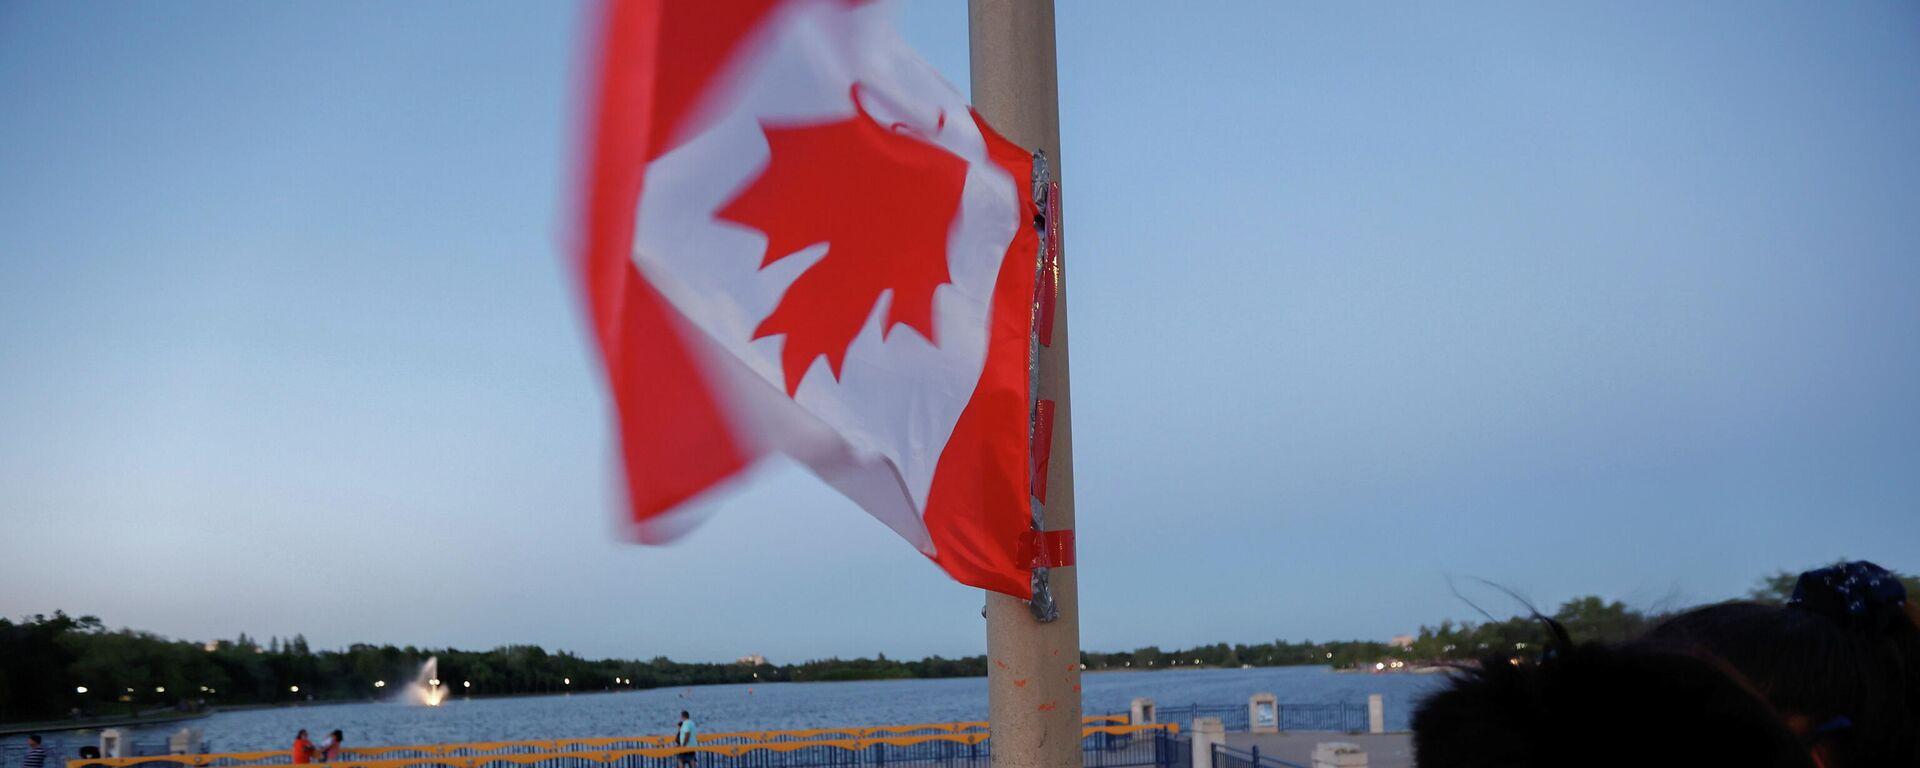 La gente se congrega en memoria de los niños indígenas fallecidos en Canadá - Sputnik Mundo, 1920, 05.07.2021